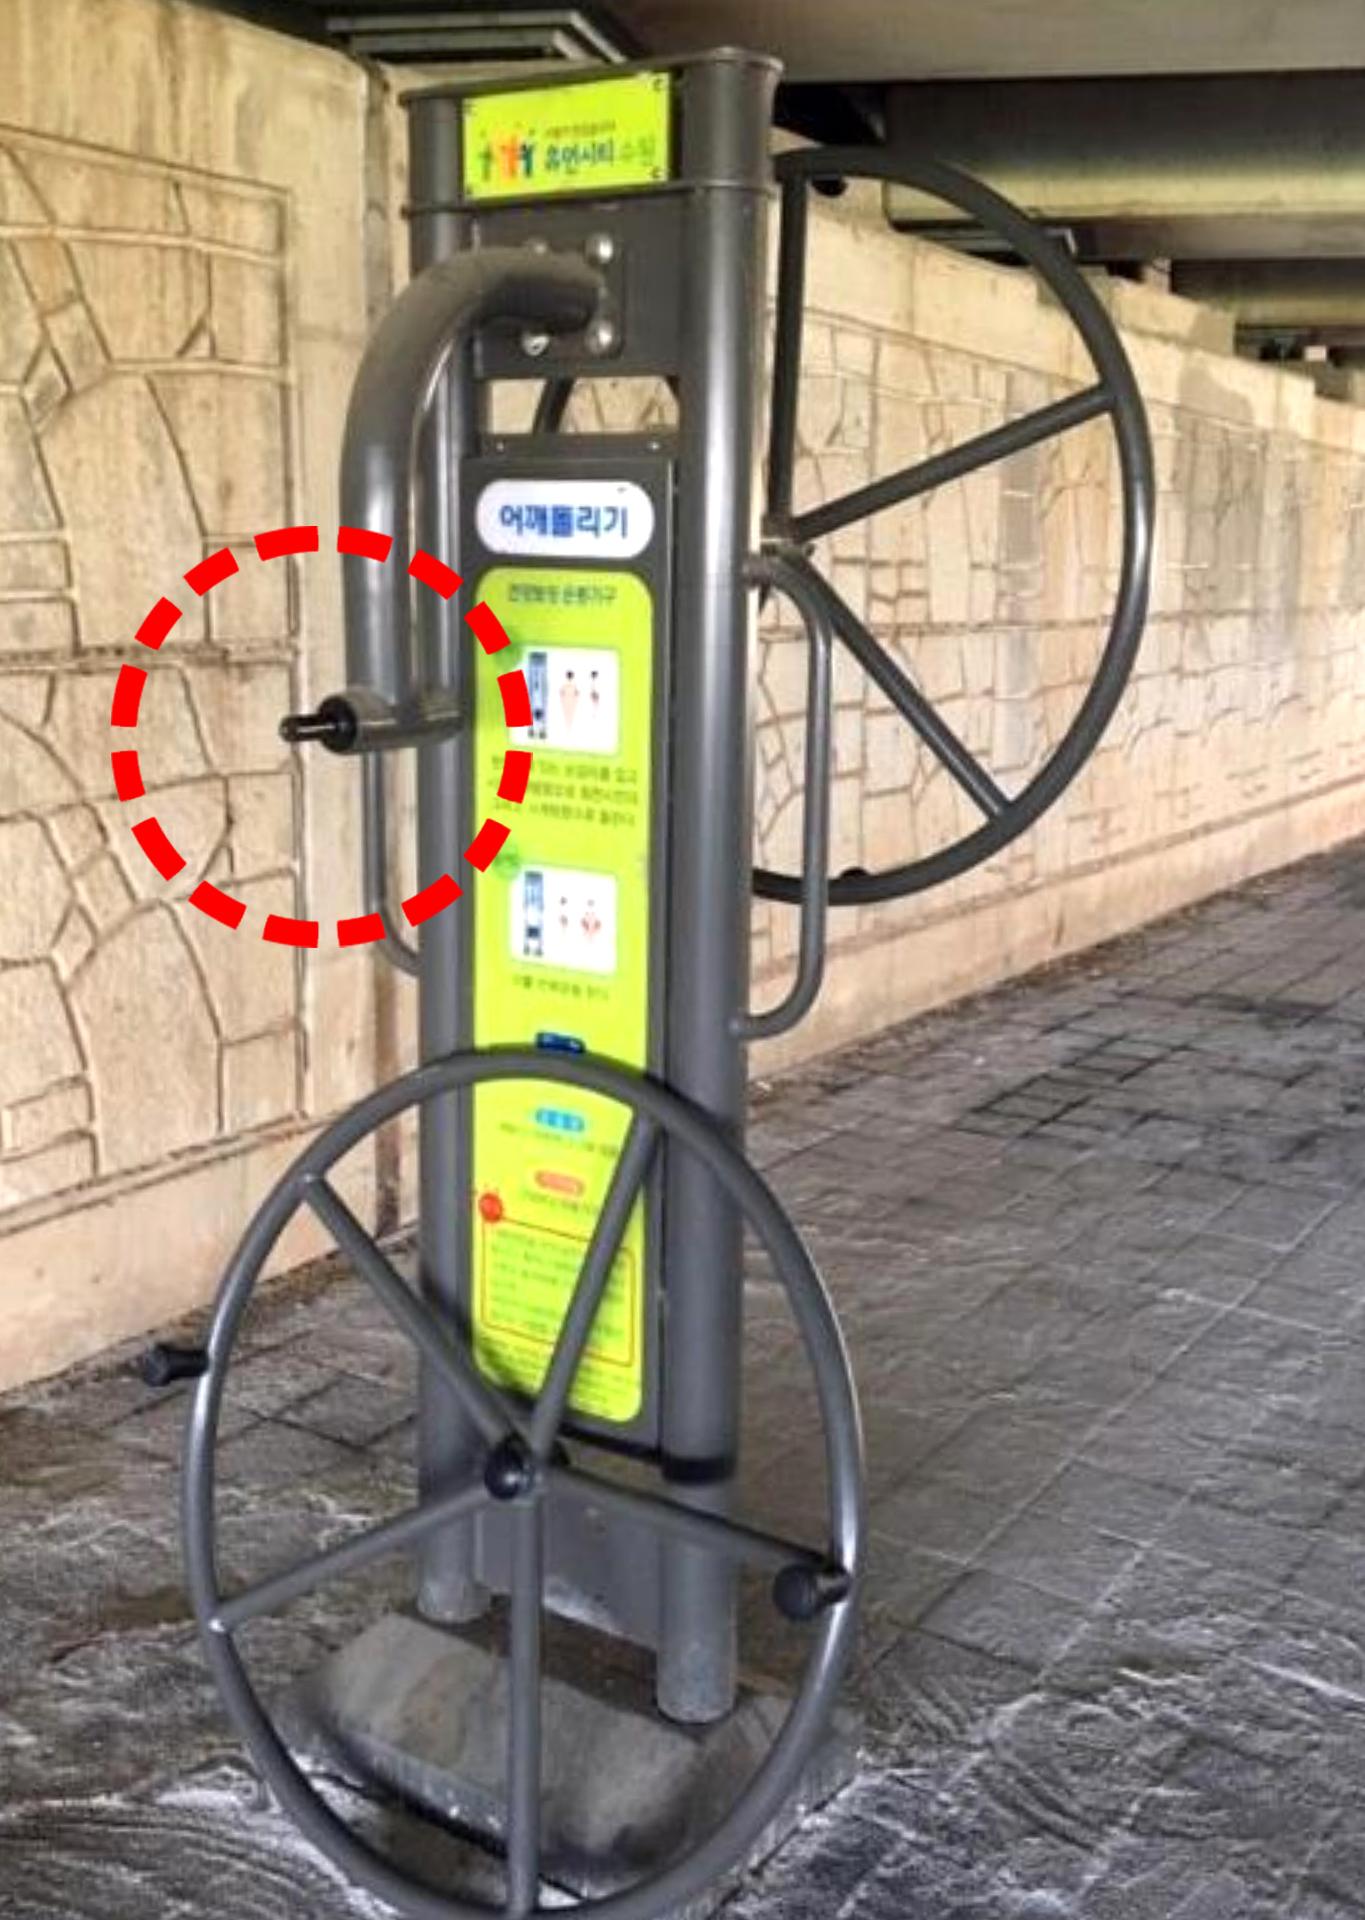 공공 운동기구 '어깨돌리기'에서 원형 바퀴가 분리된 모습. 손잡이가 달려있는 원형 바퀴의 볼트가 본체와 연결이 느슨하게 돼 있었던 것으로 조사됐다. 이 운동기구엔 '휴먼시티 수원'이라고 표시돼있다. [사진 인터넷 카페]